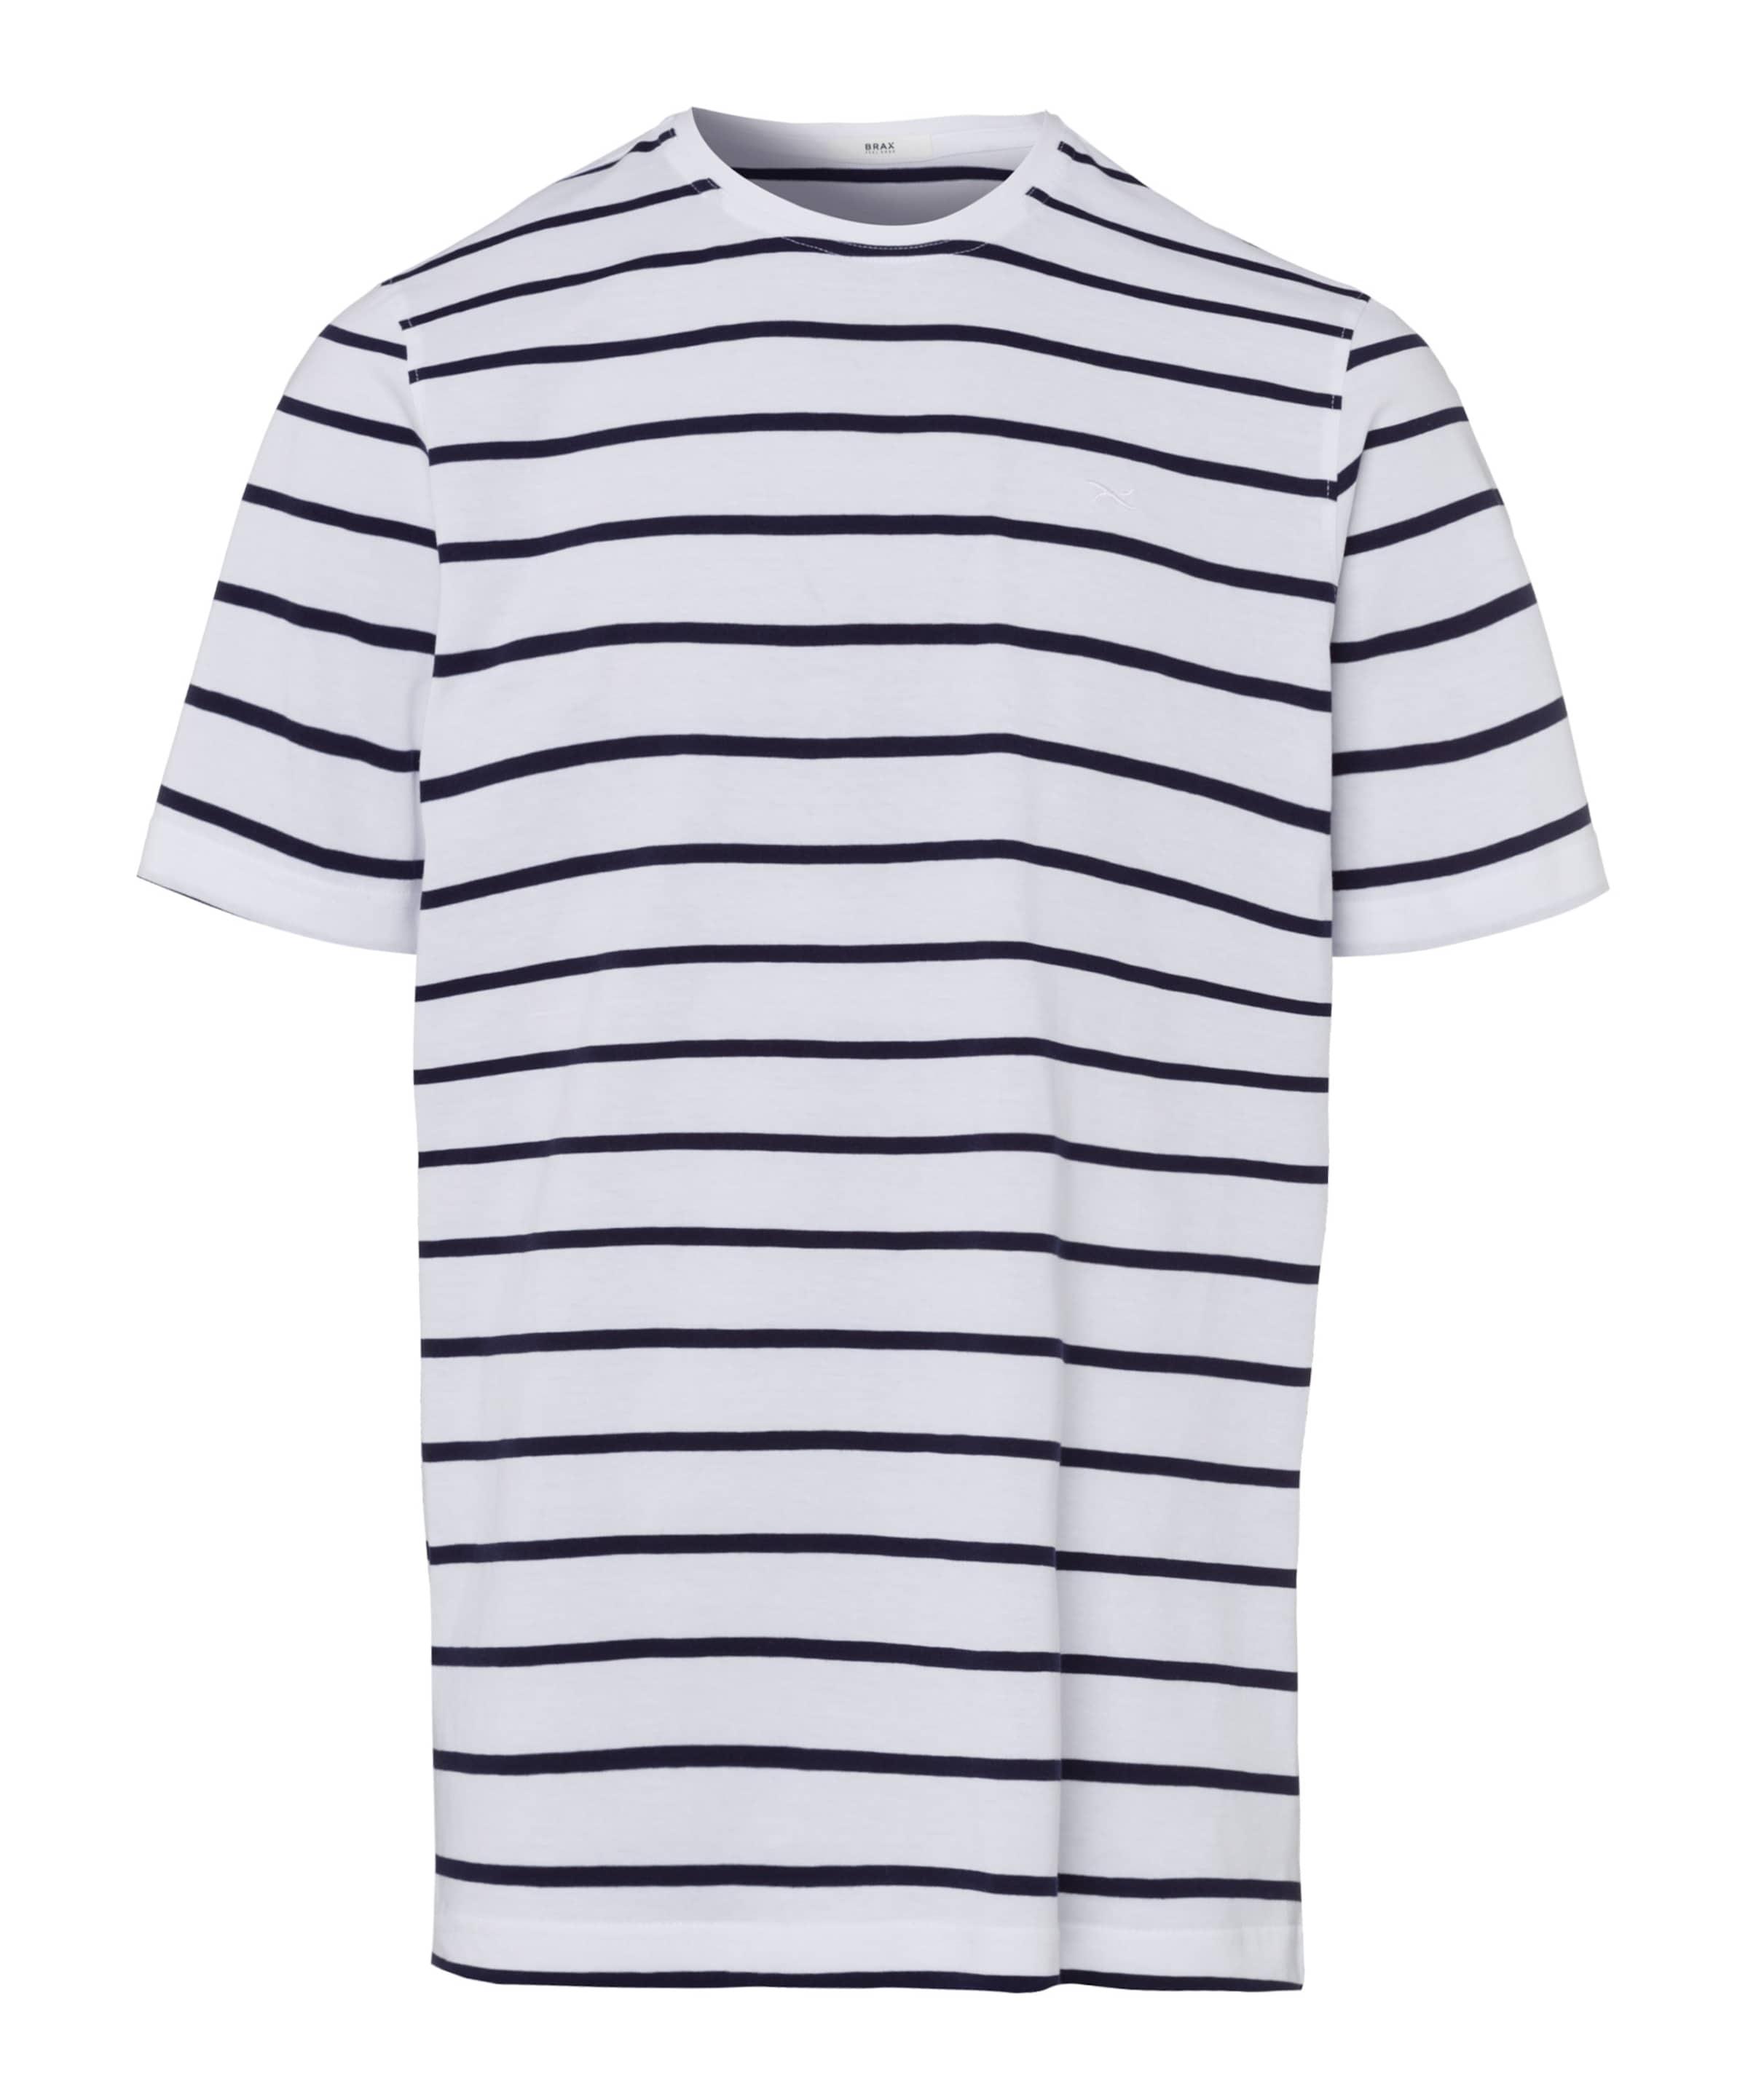 T shirt NachtblauWeiß Brax 'troy' In iukXOTZP